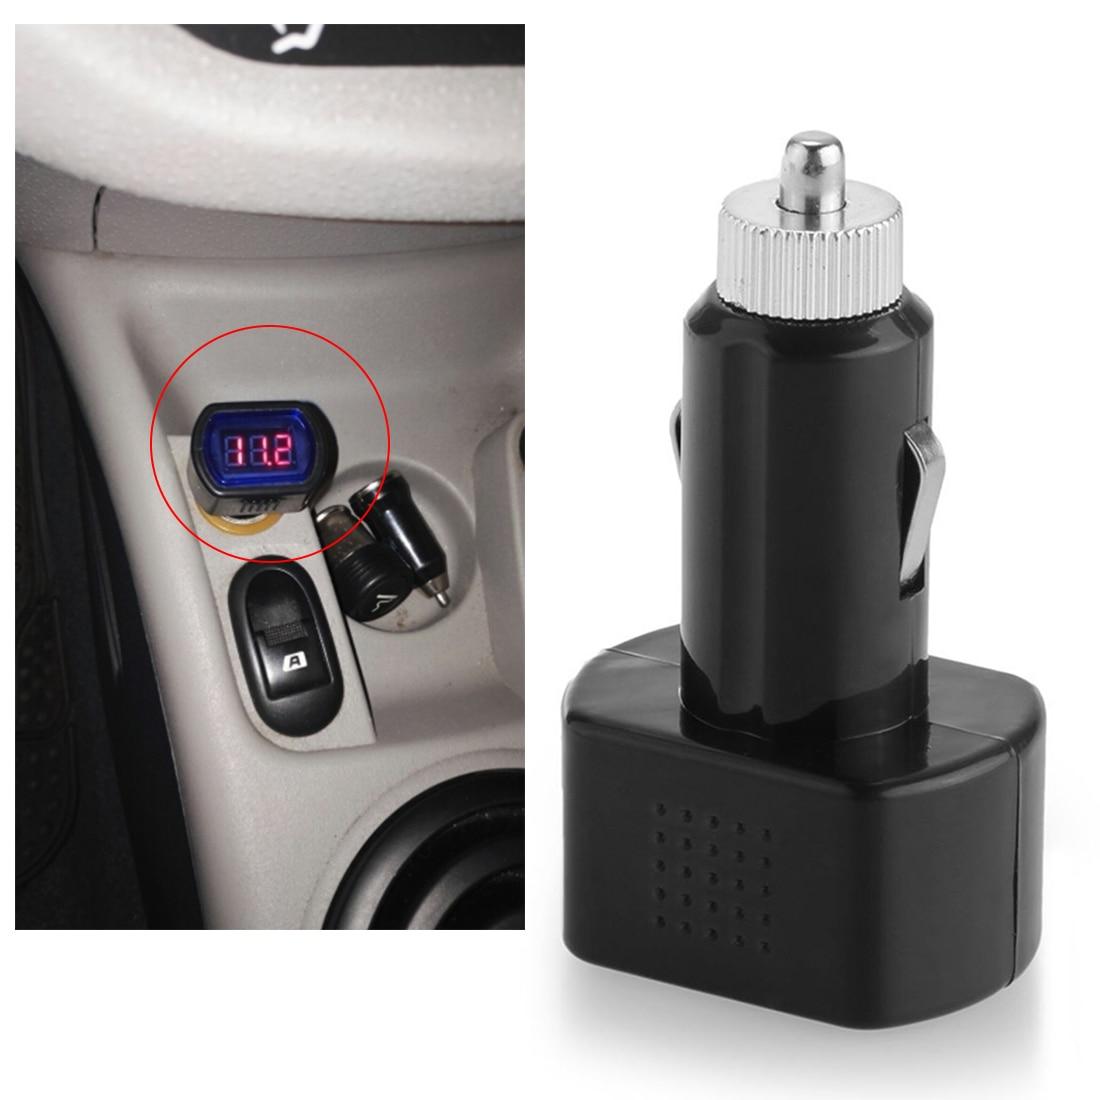 12-24V LED Display Cigarette Lighter Electric Voltage Meter For Car Battery TR High Quality